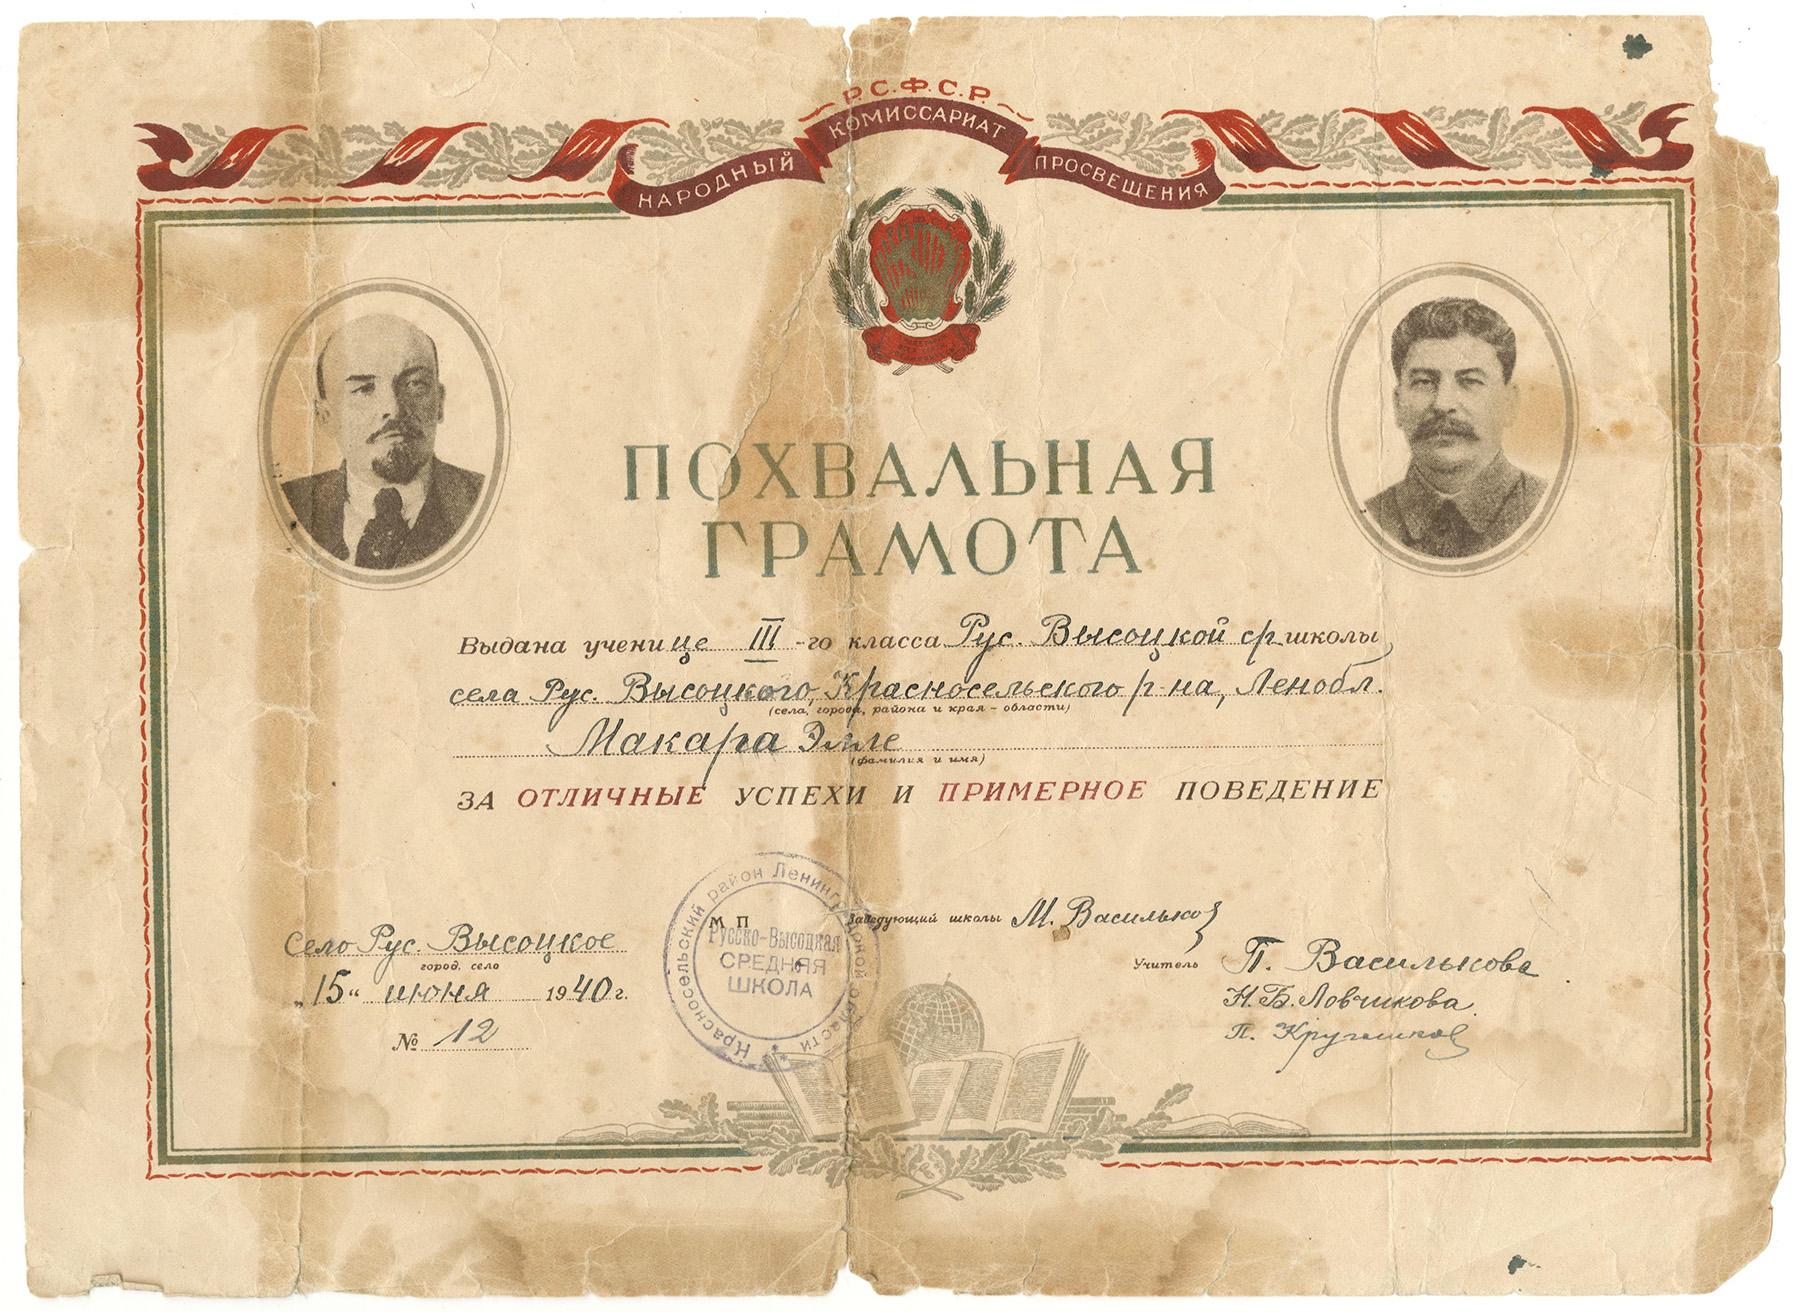 Leninin ja Stalinin kuvilla koristetun kunniakirja, jonka Ella Ojala voitti runonlausuntakilvasta kolmannella luokalla. SKS KIA, Ella Ojalan arkisto. CC BY 4.0